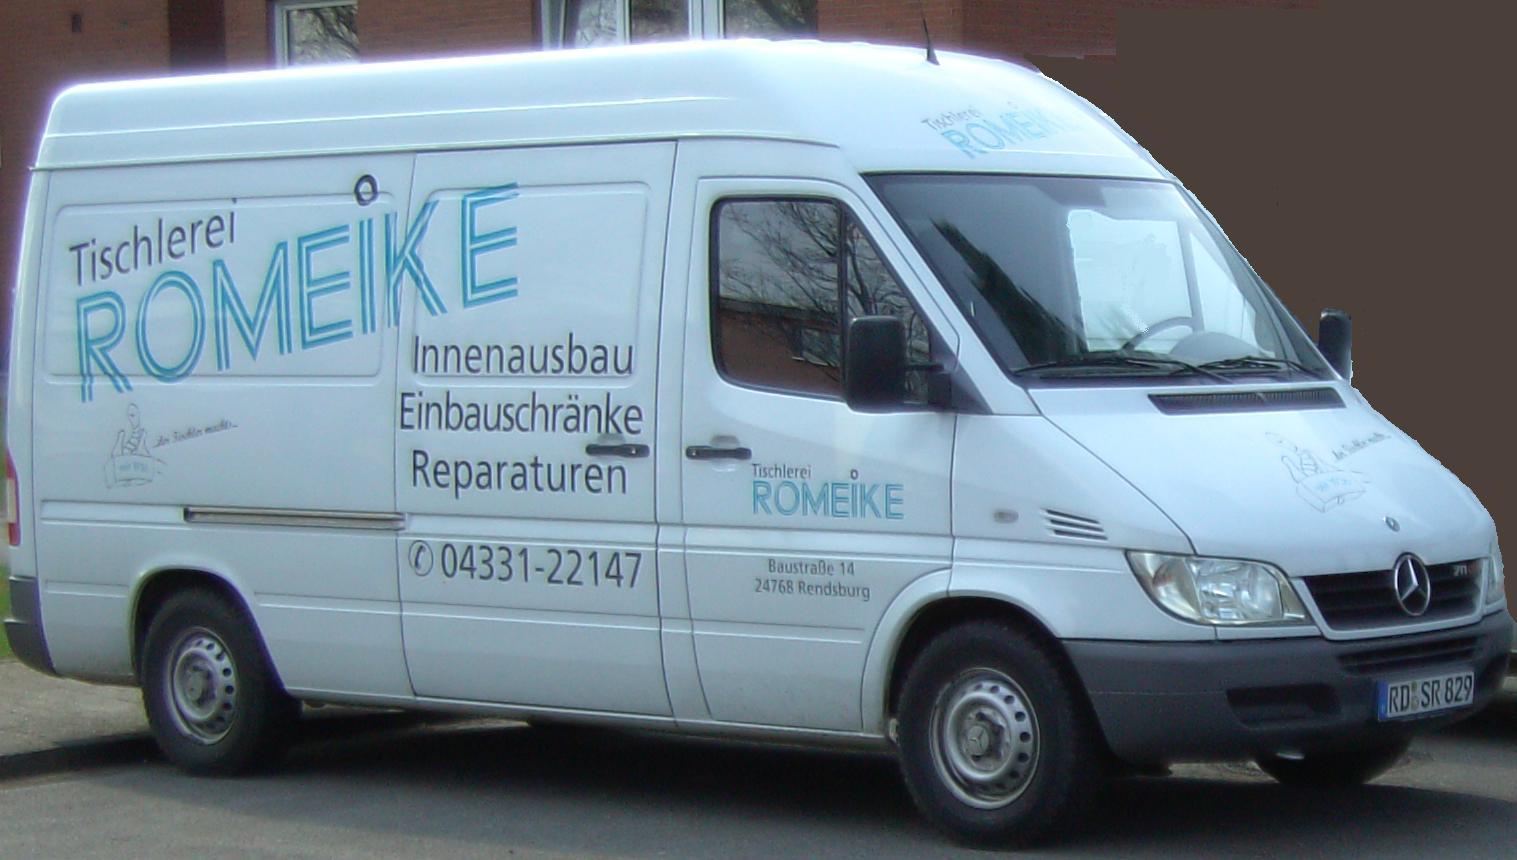 Tischlerei Rendsburg index